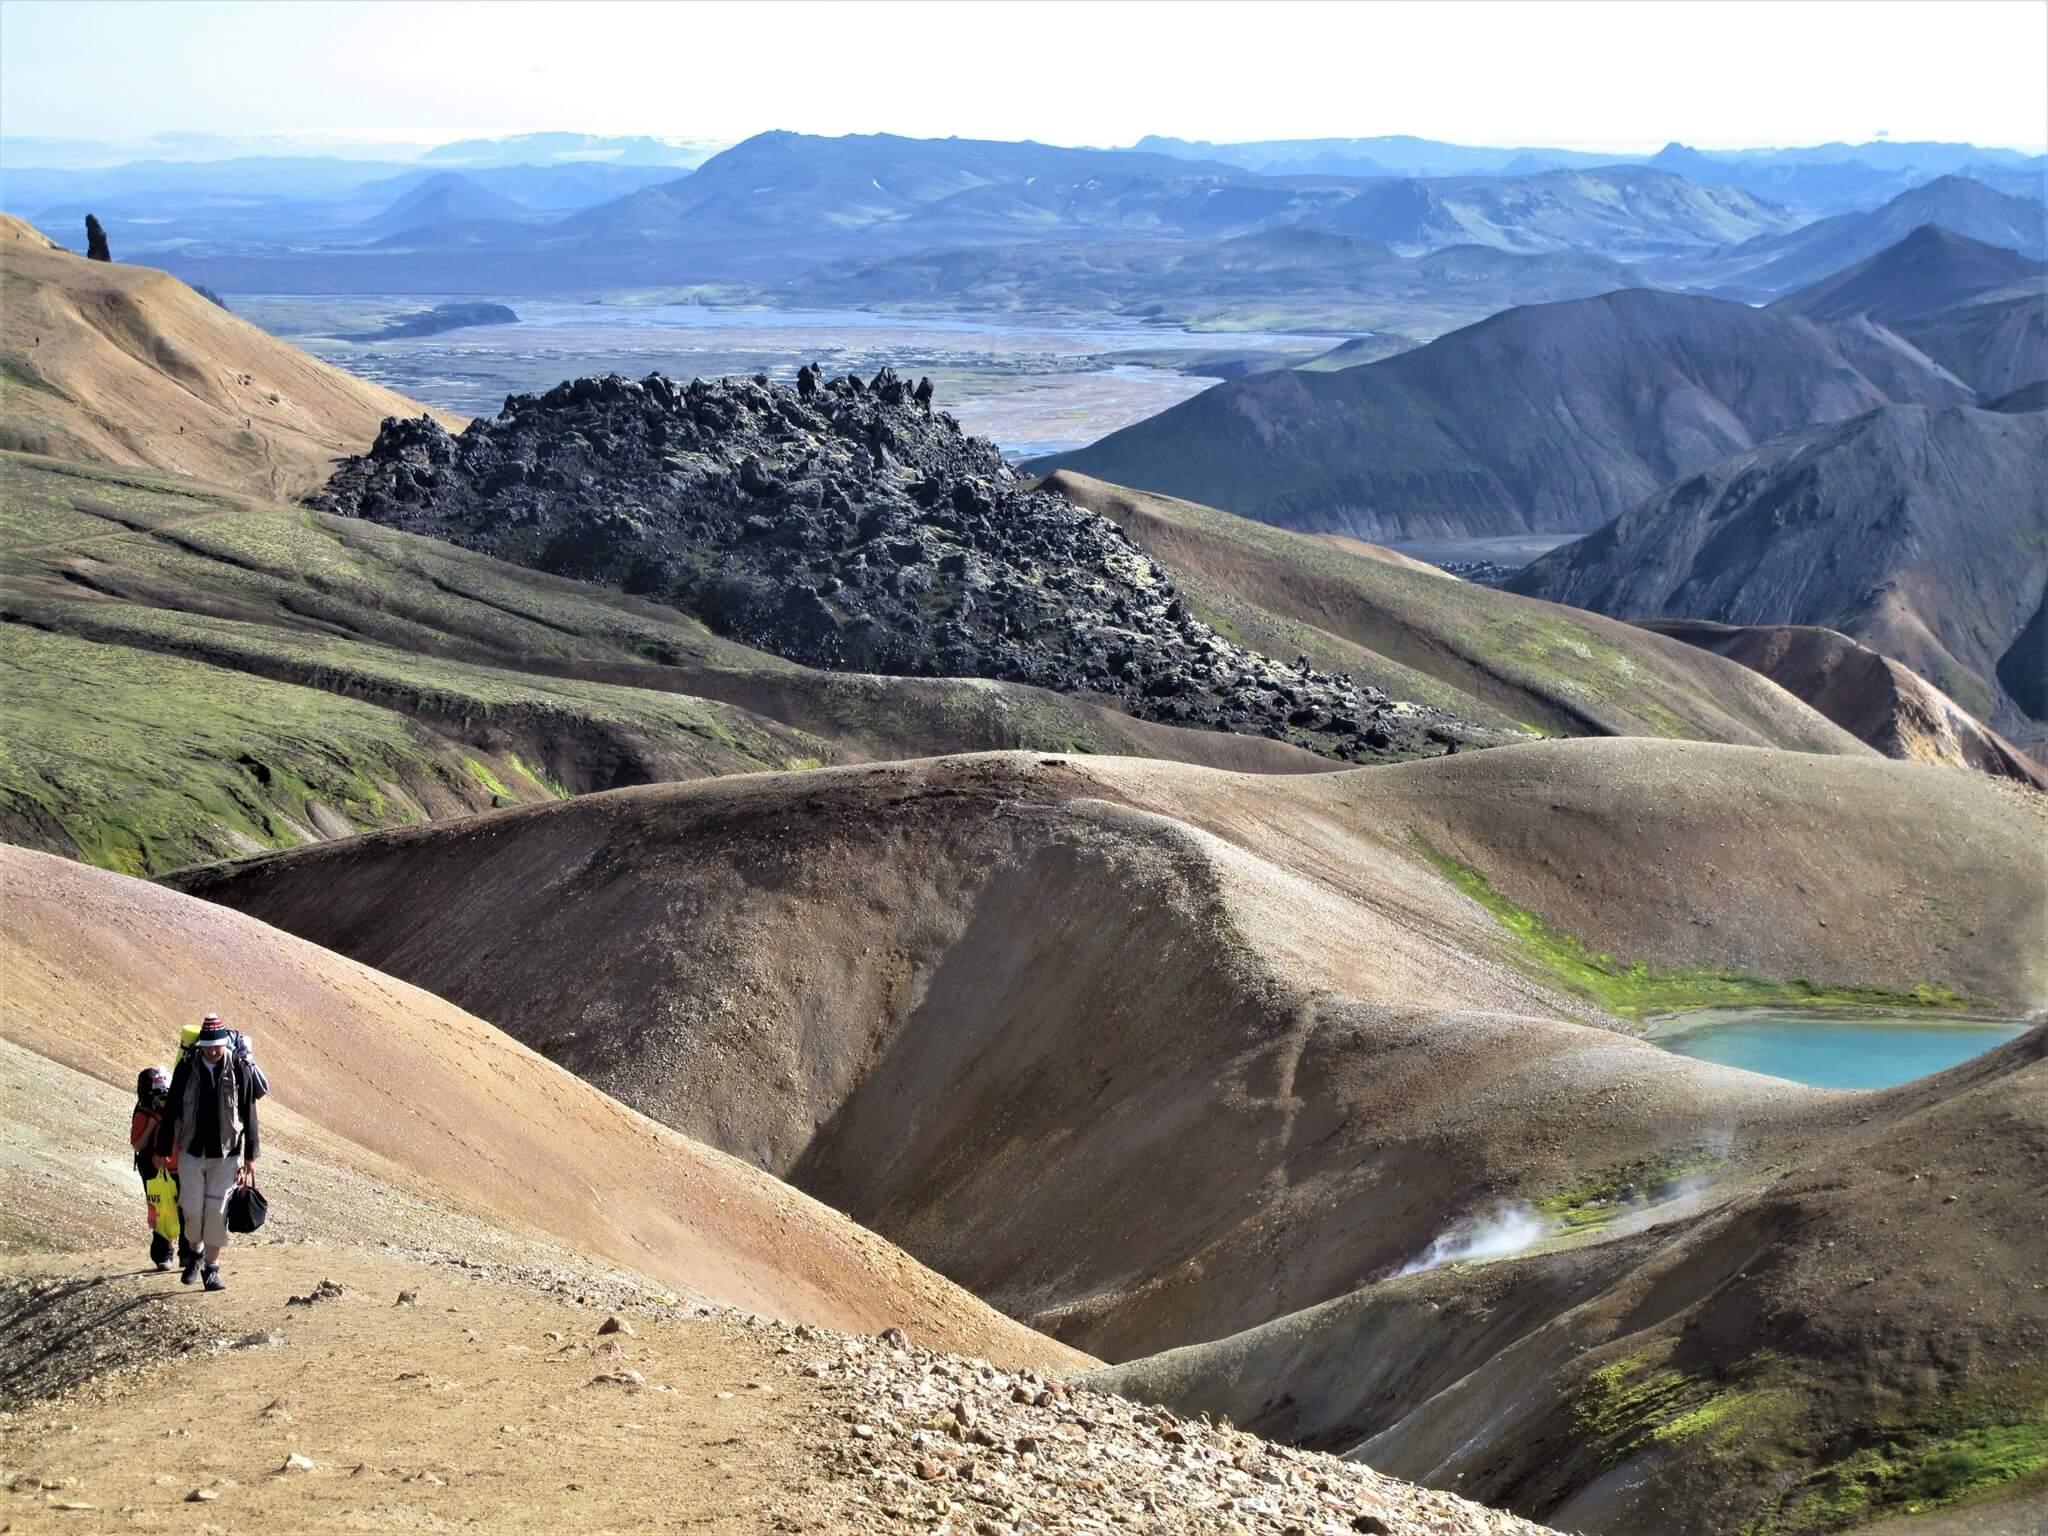 アイスランドの「ロイガヴェーグルトレイル」にある砂礫と溶岩の山。